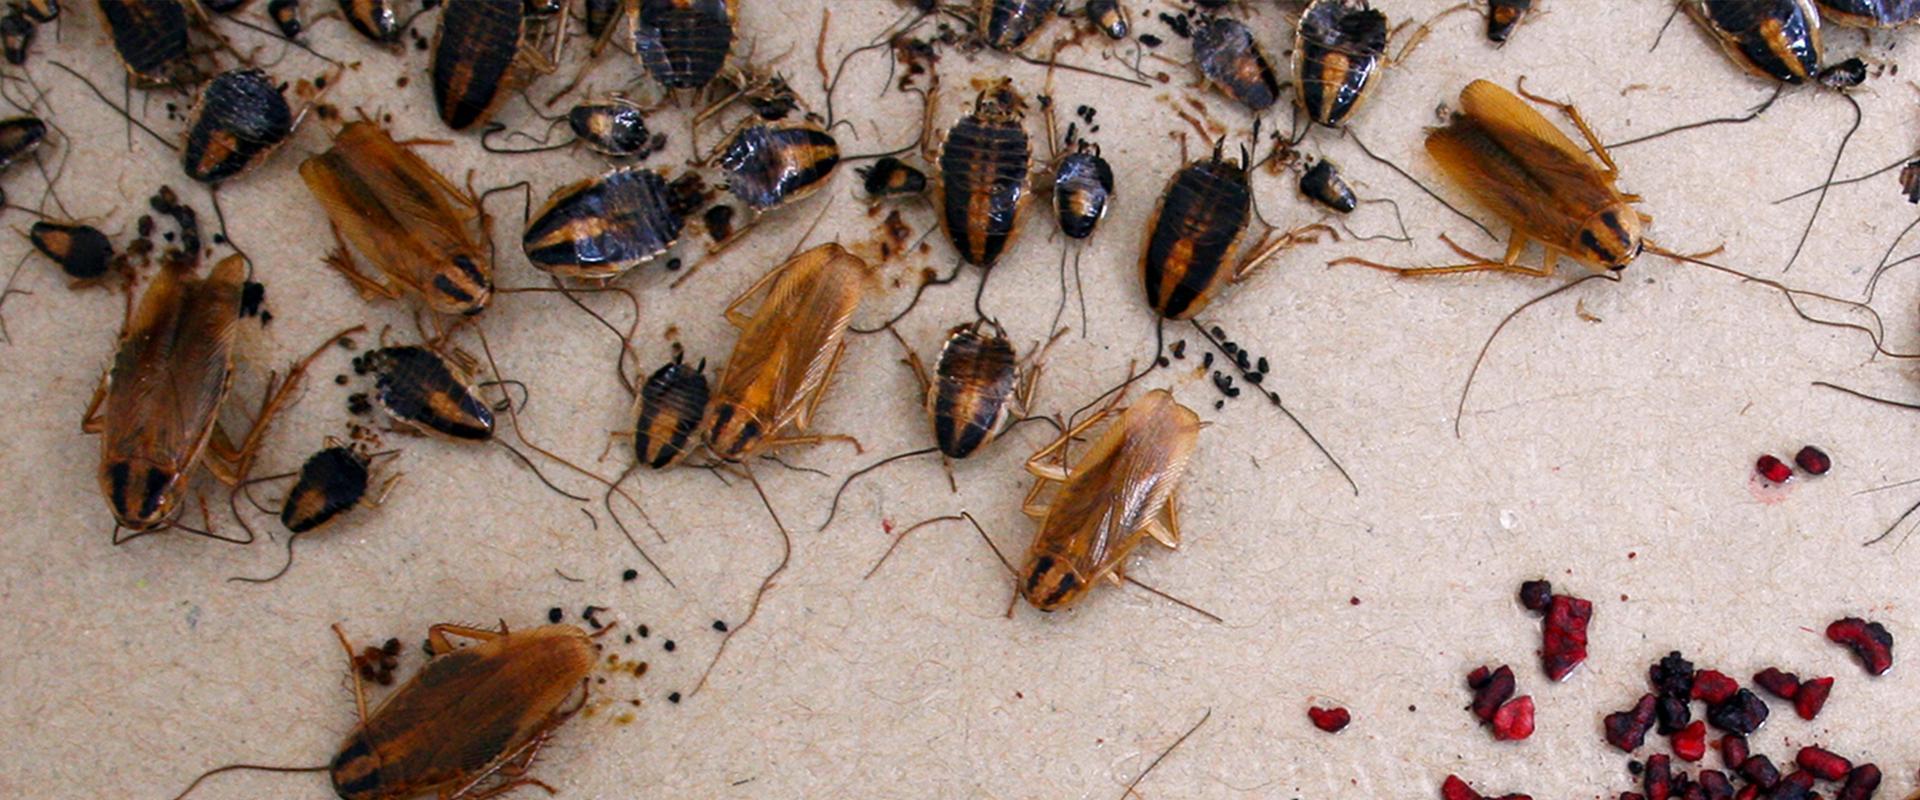 cockroach on glue board